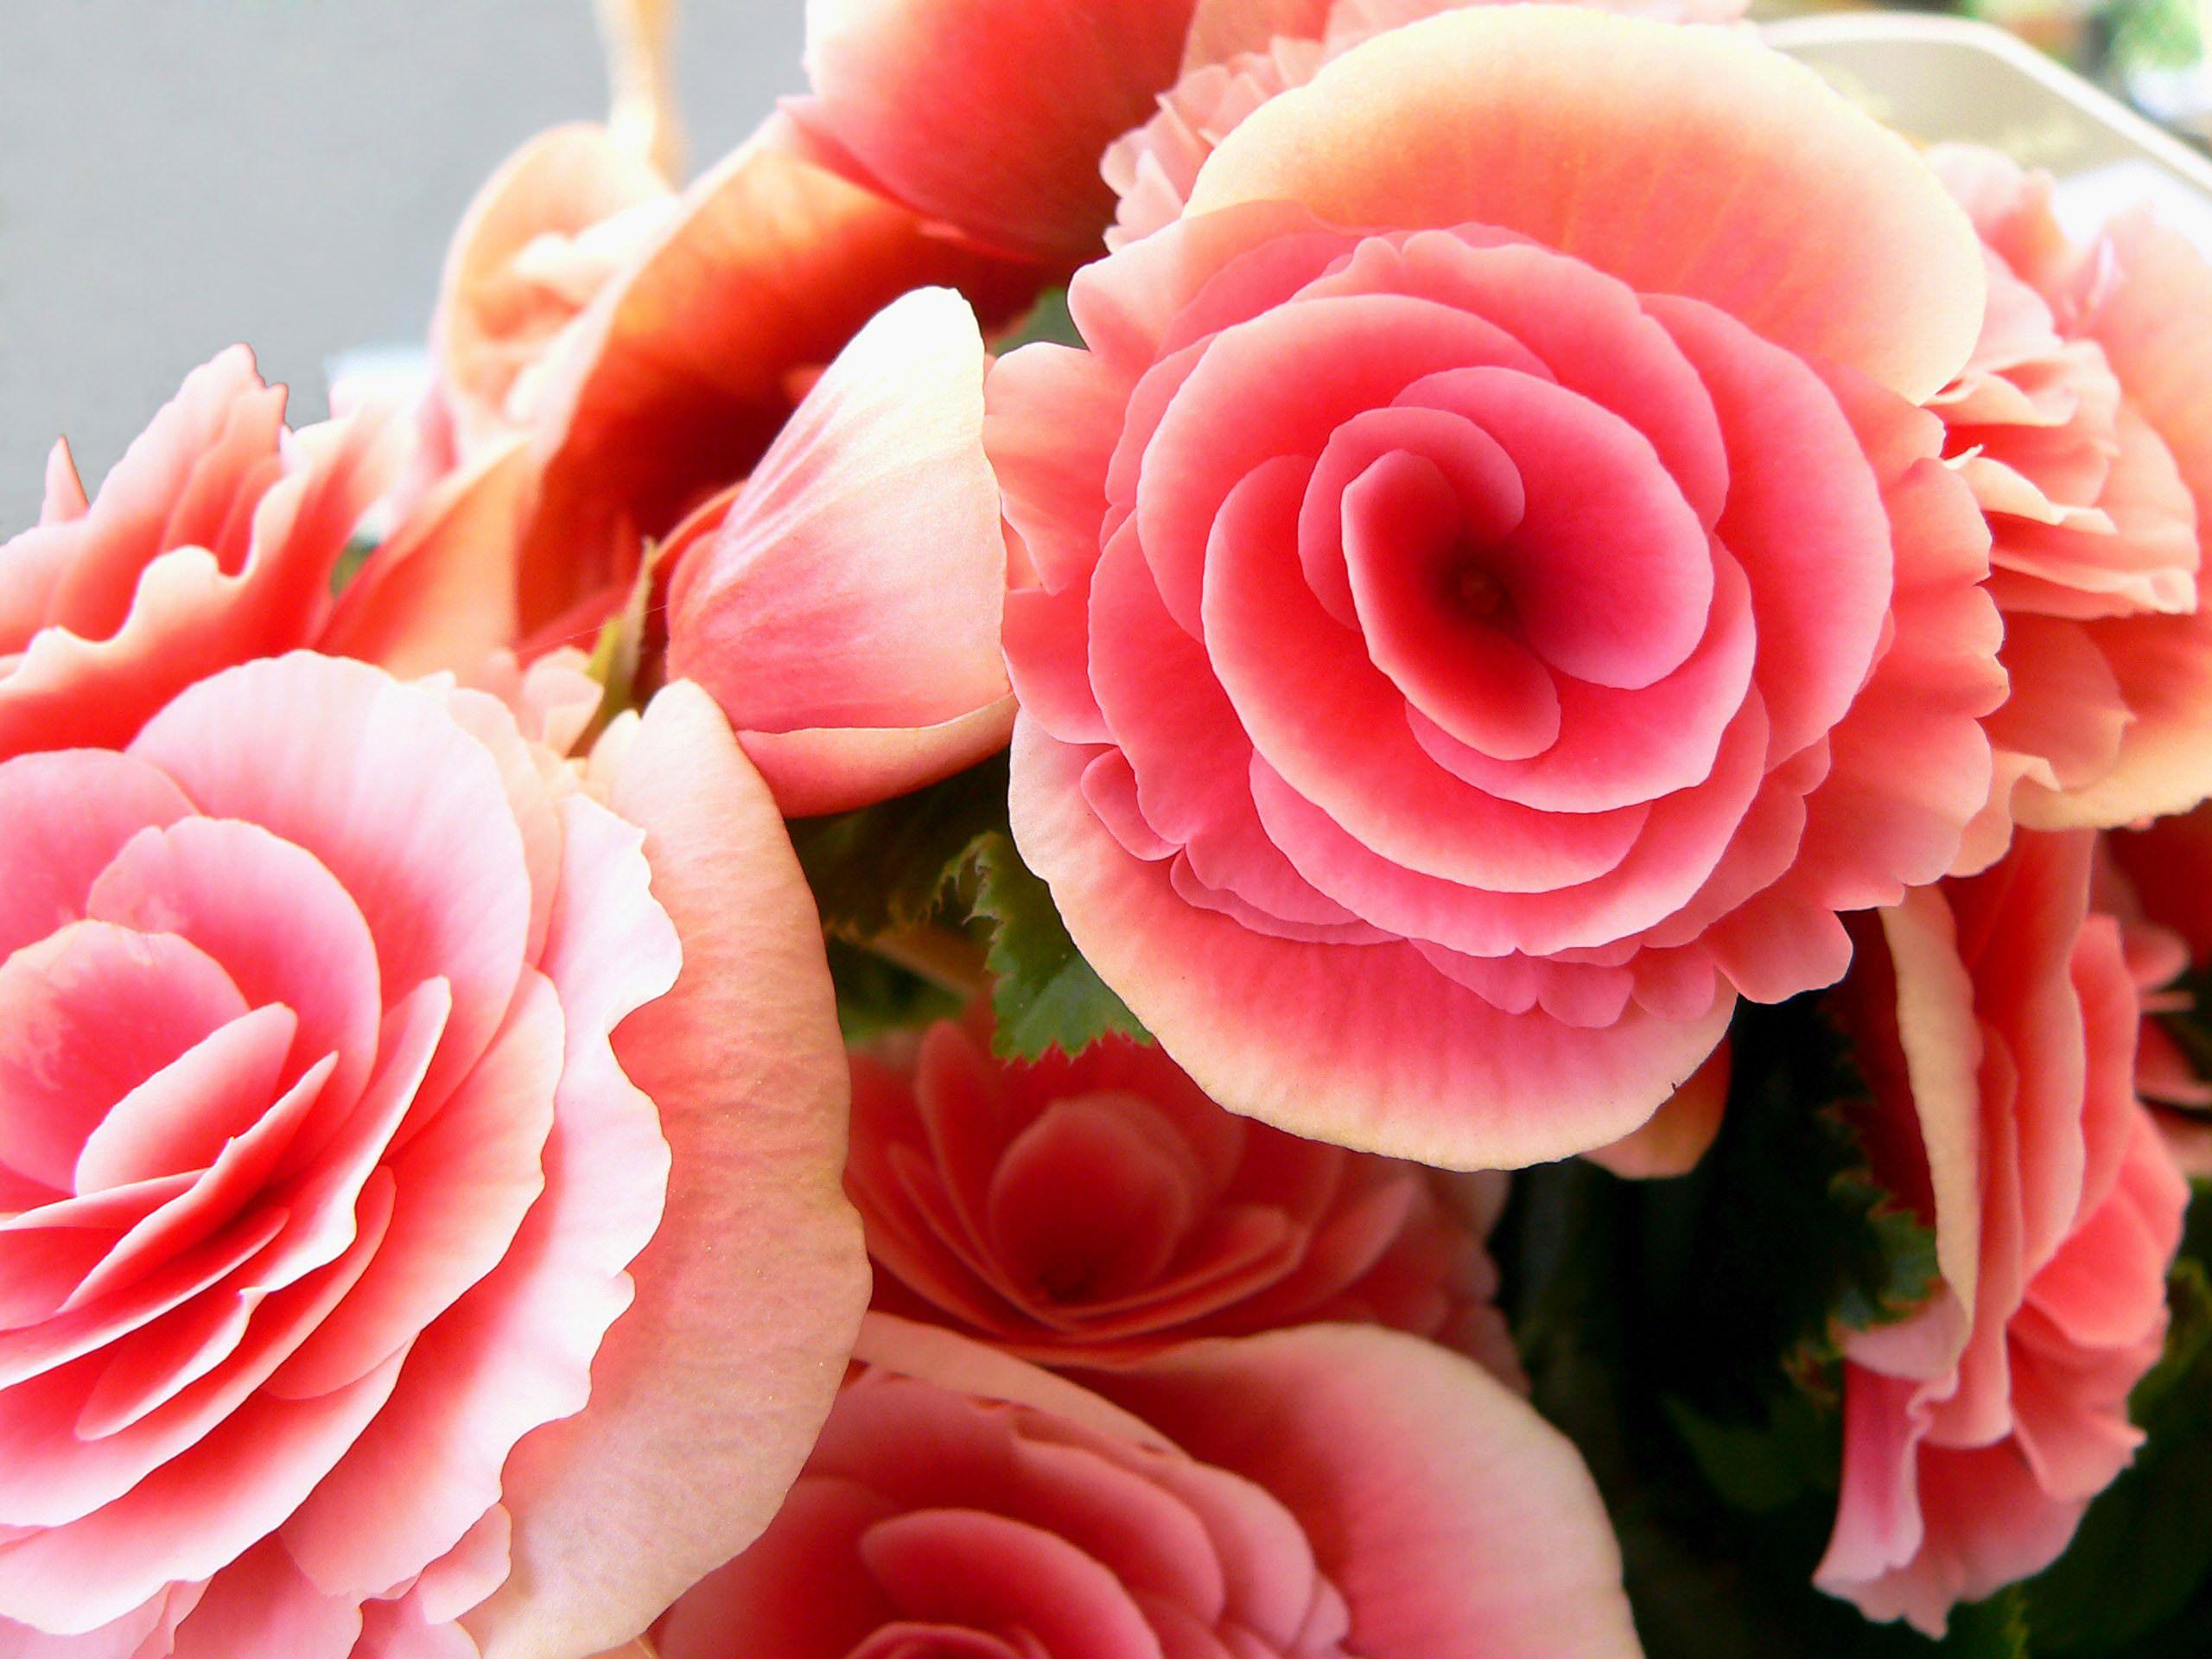 Rose Flower background wallpaper